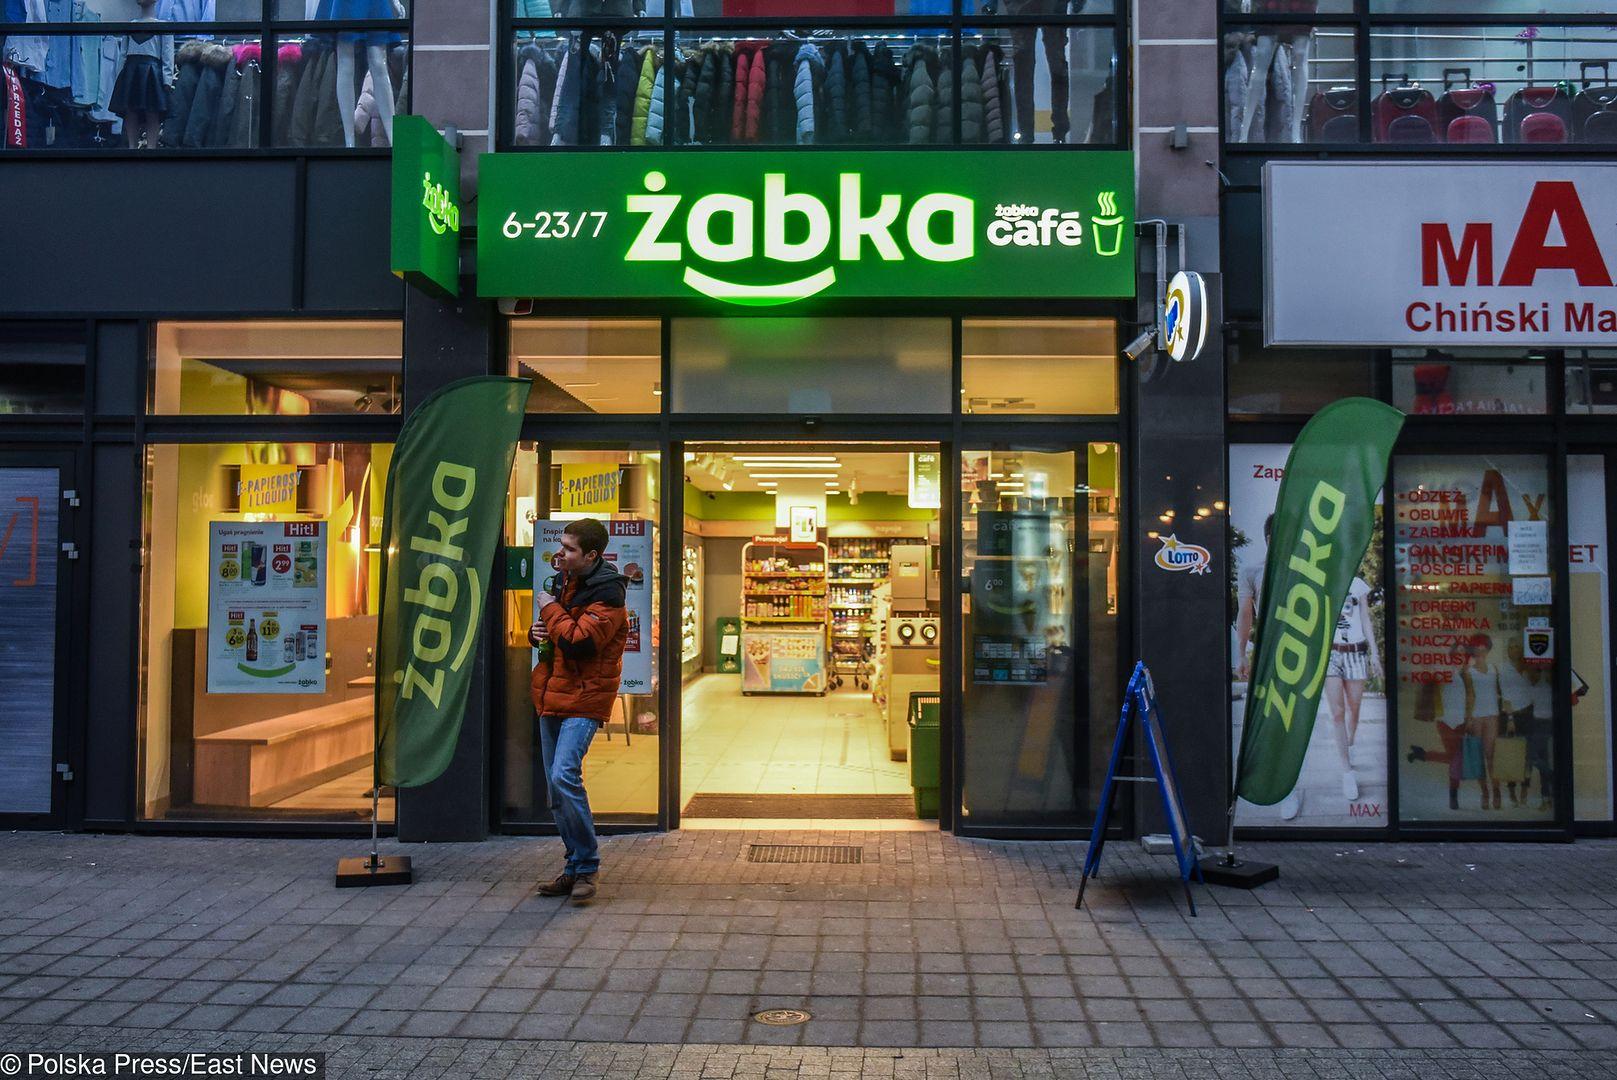 Największa sieć sklepów w Polsce. Franczyzobiorcy wspomagani sztuczną inteligencją